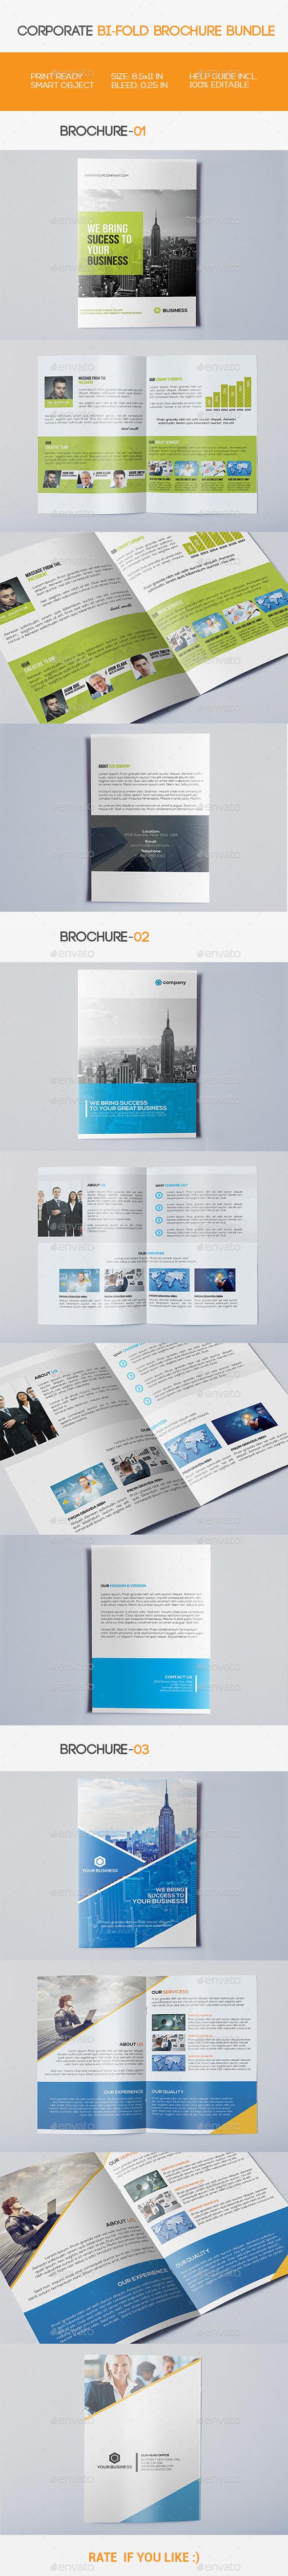 GraphicRiver Corporate Bi-fold Brochure Bundle 11471927